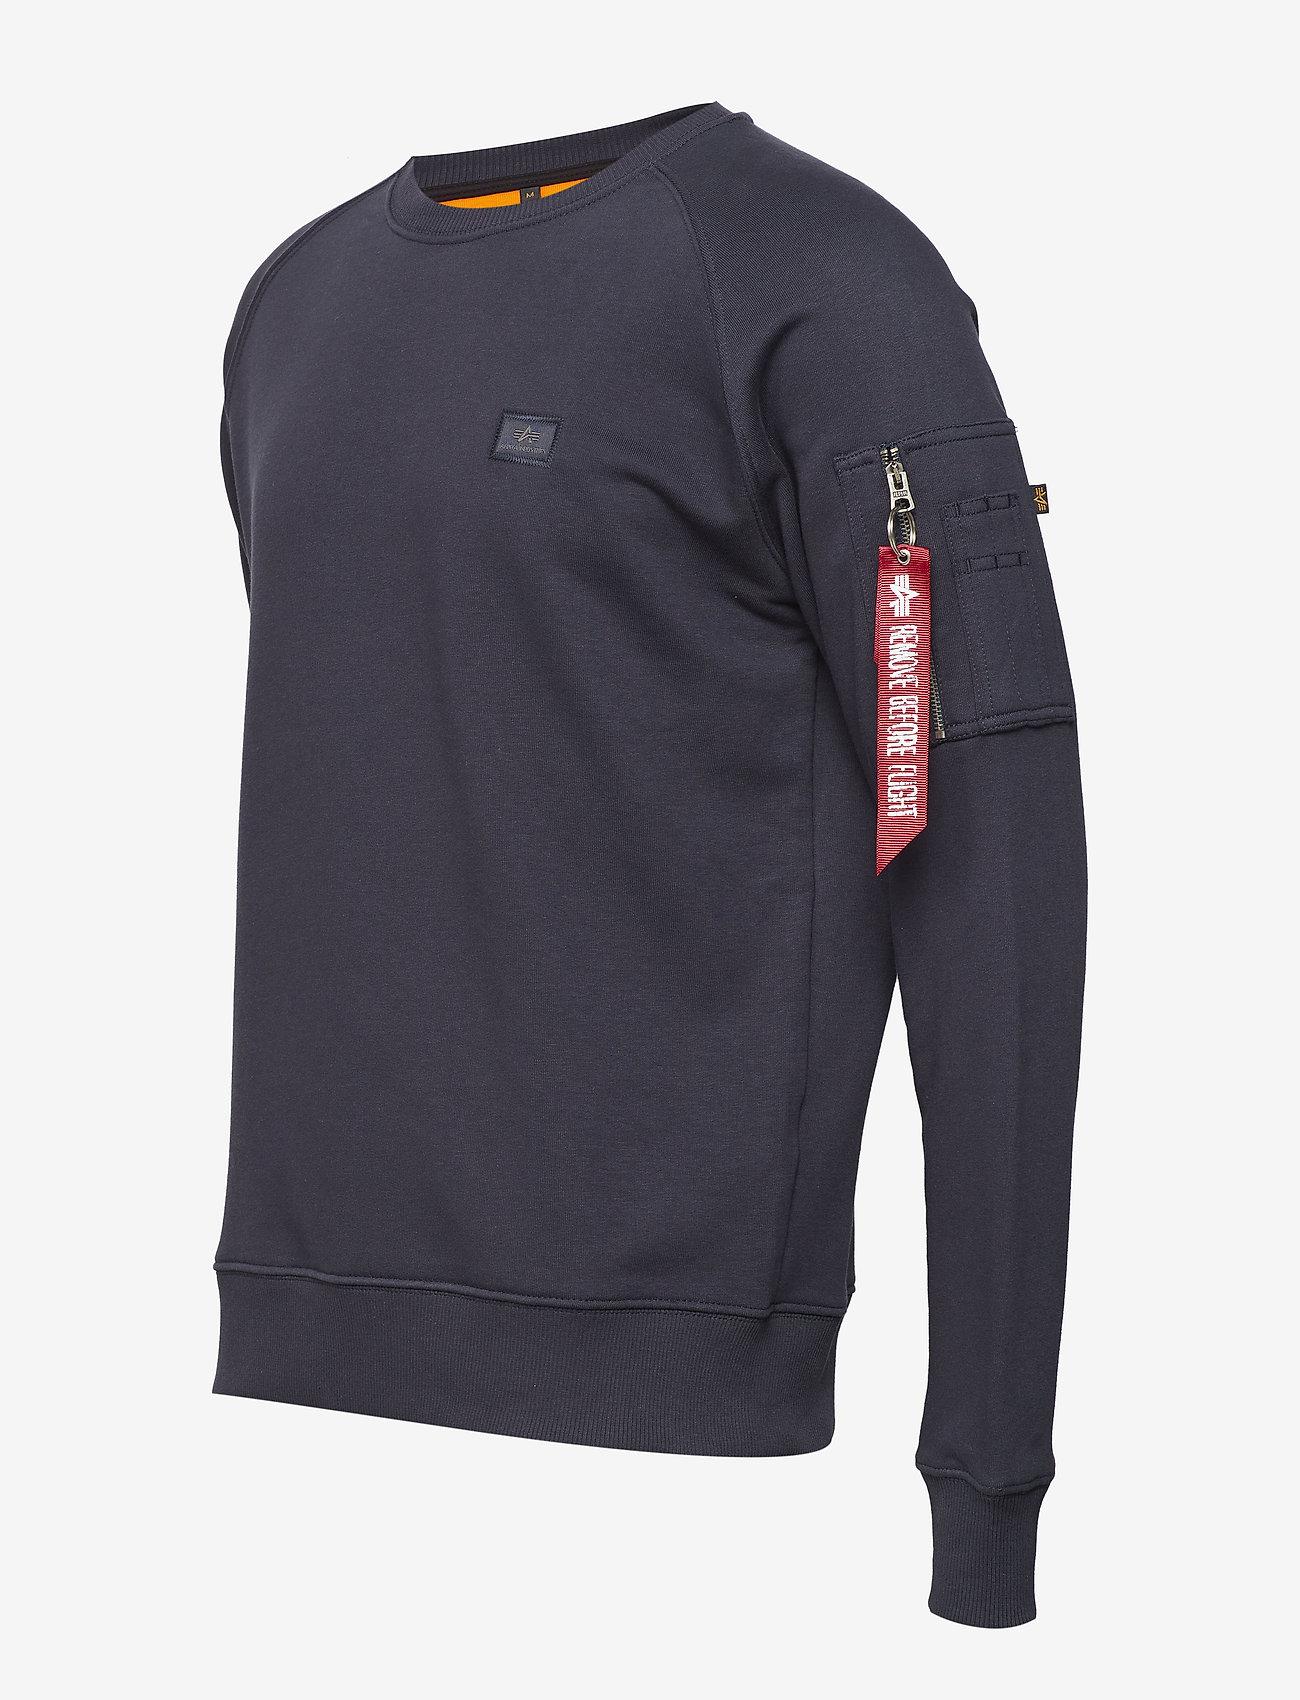 Alpha Industries X-Fit Sweat - Sweatshirts REP.BLUE - Menn Klær